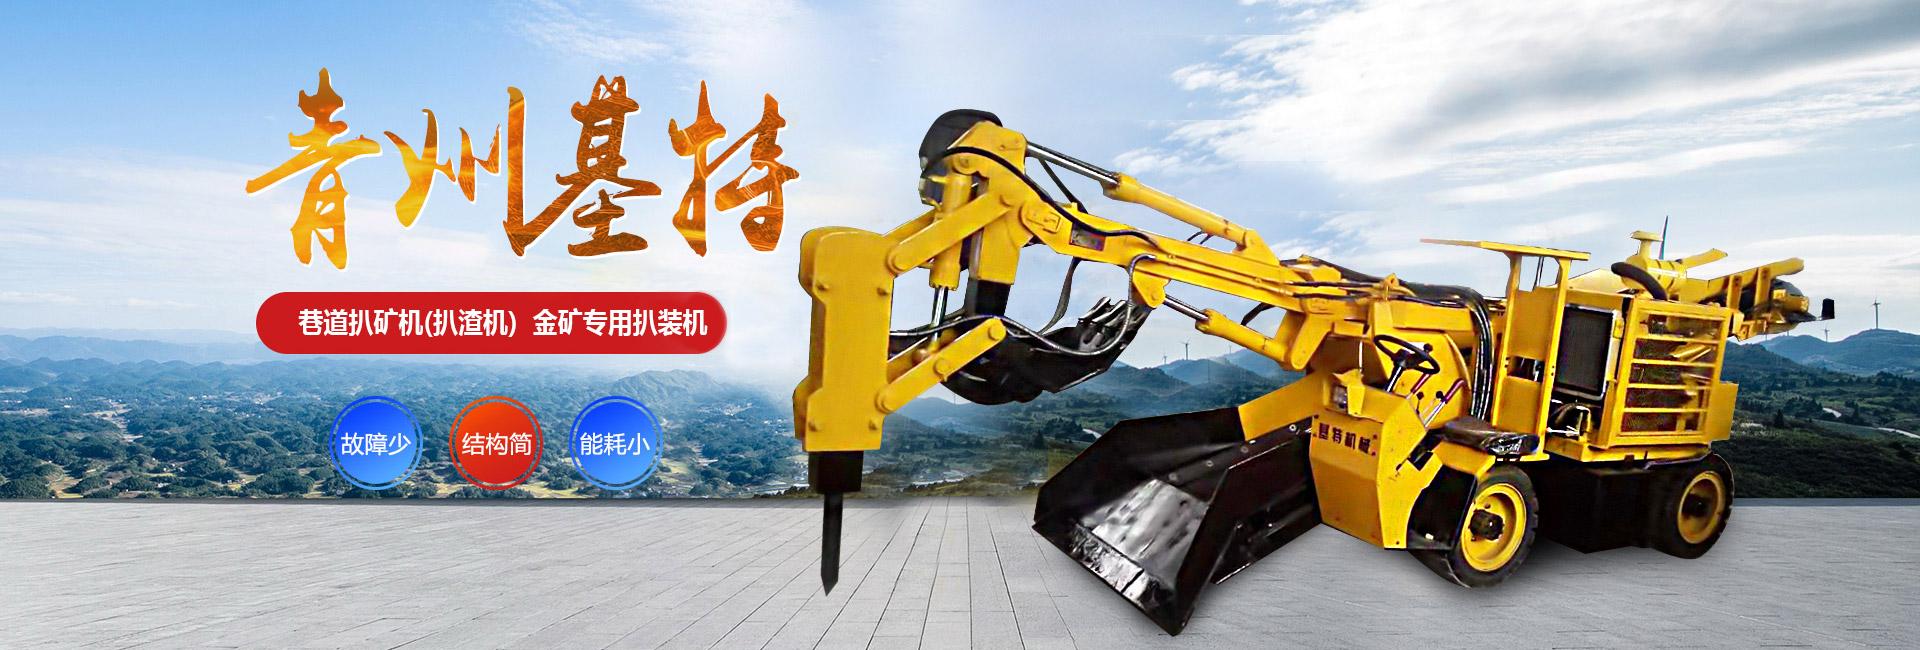 青州市基特机械有限公司扒渣机